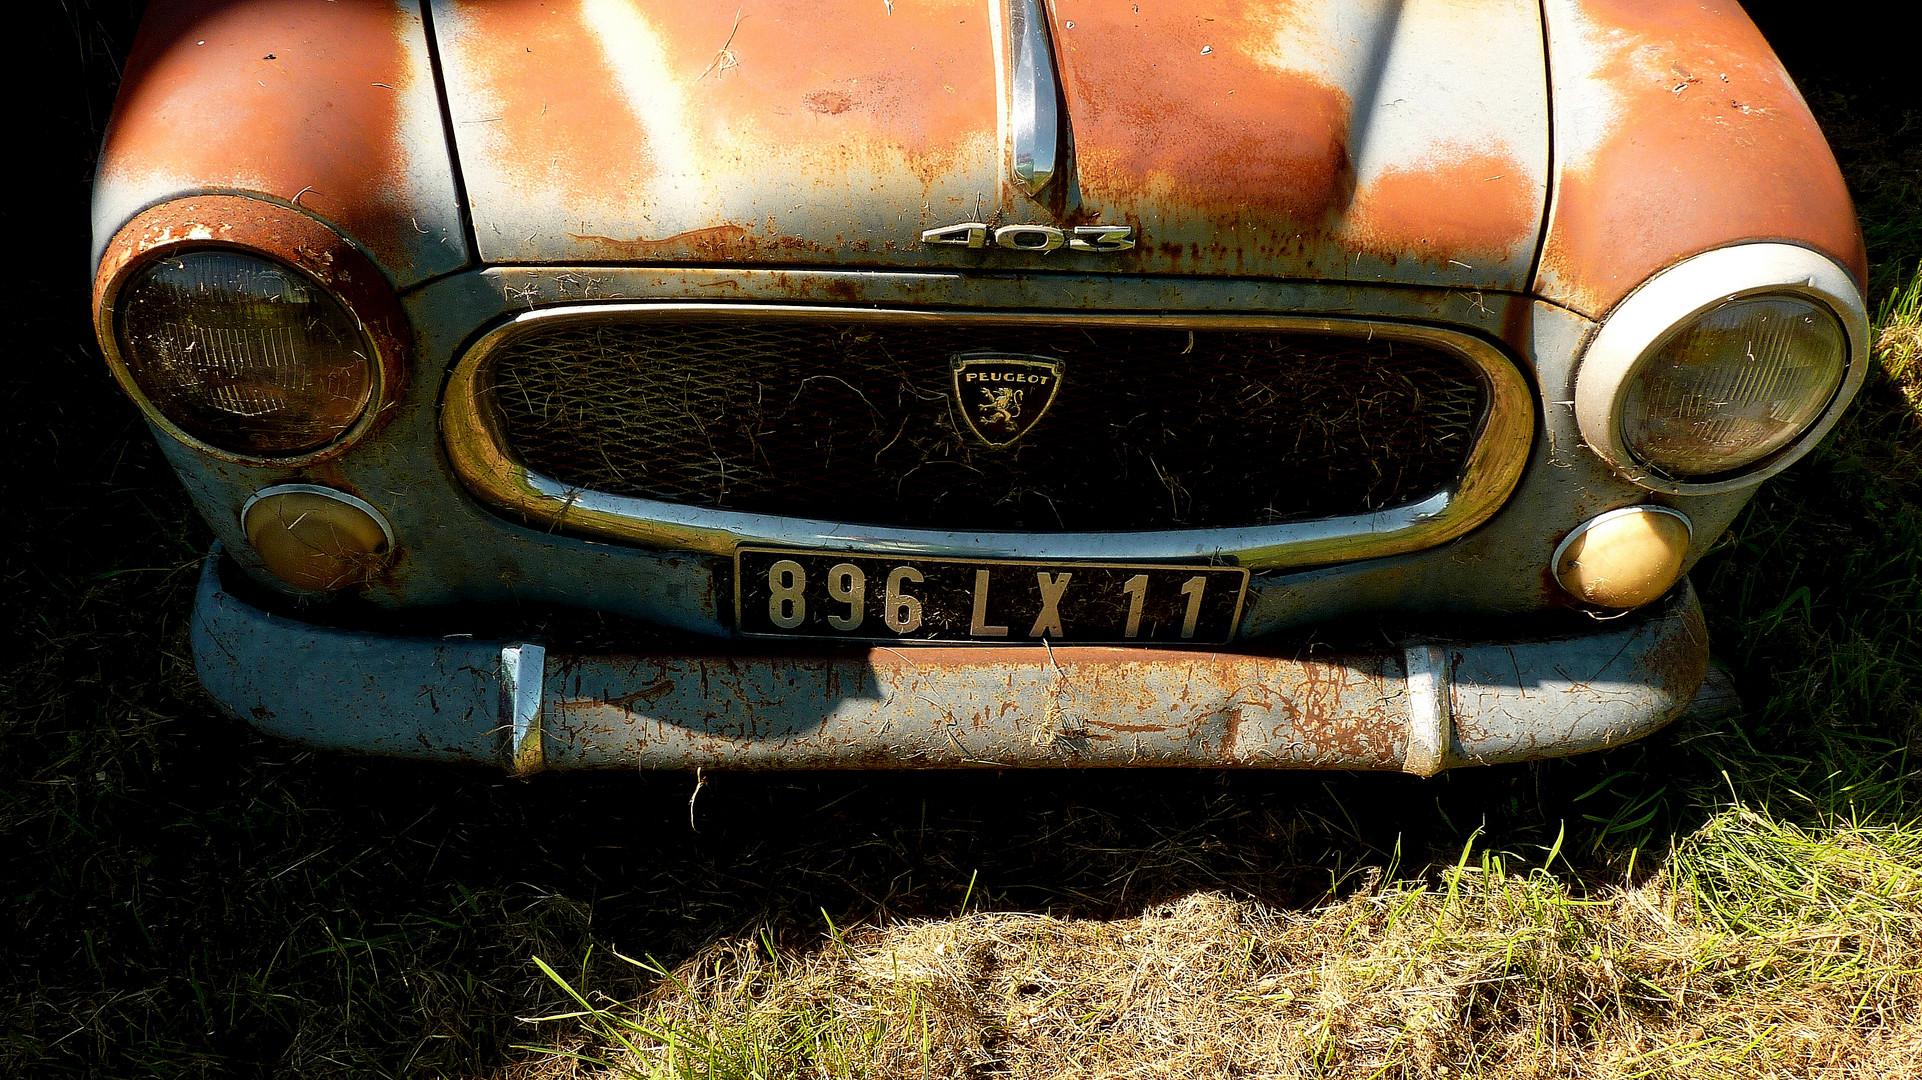 403 Peugeot